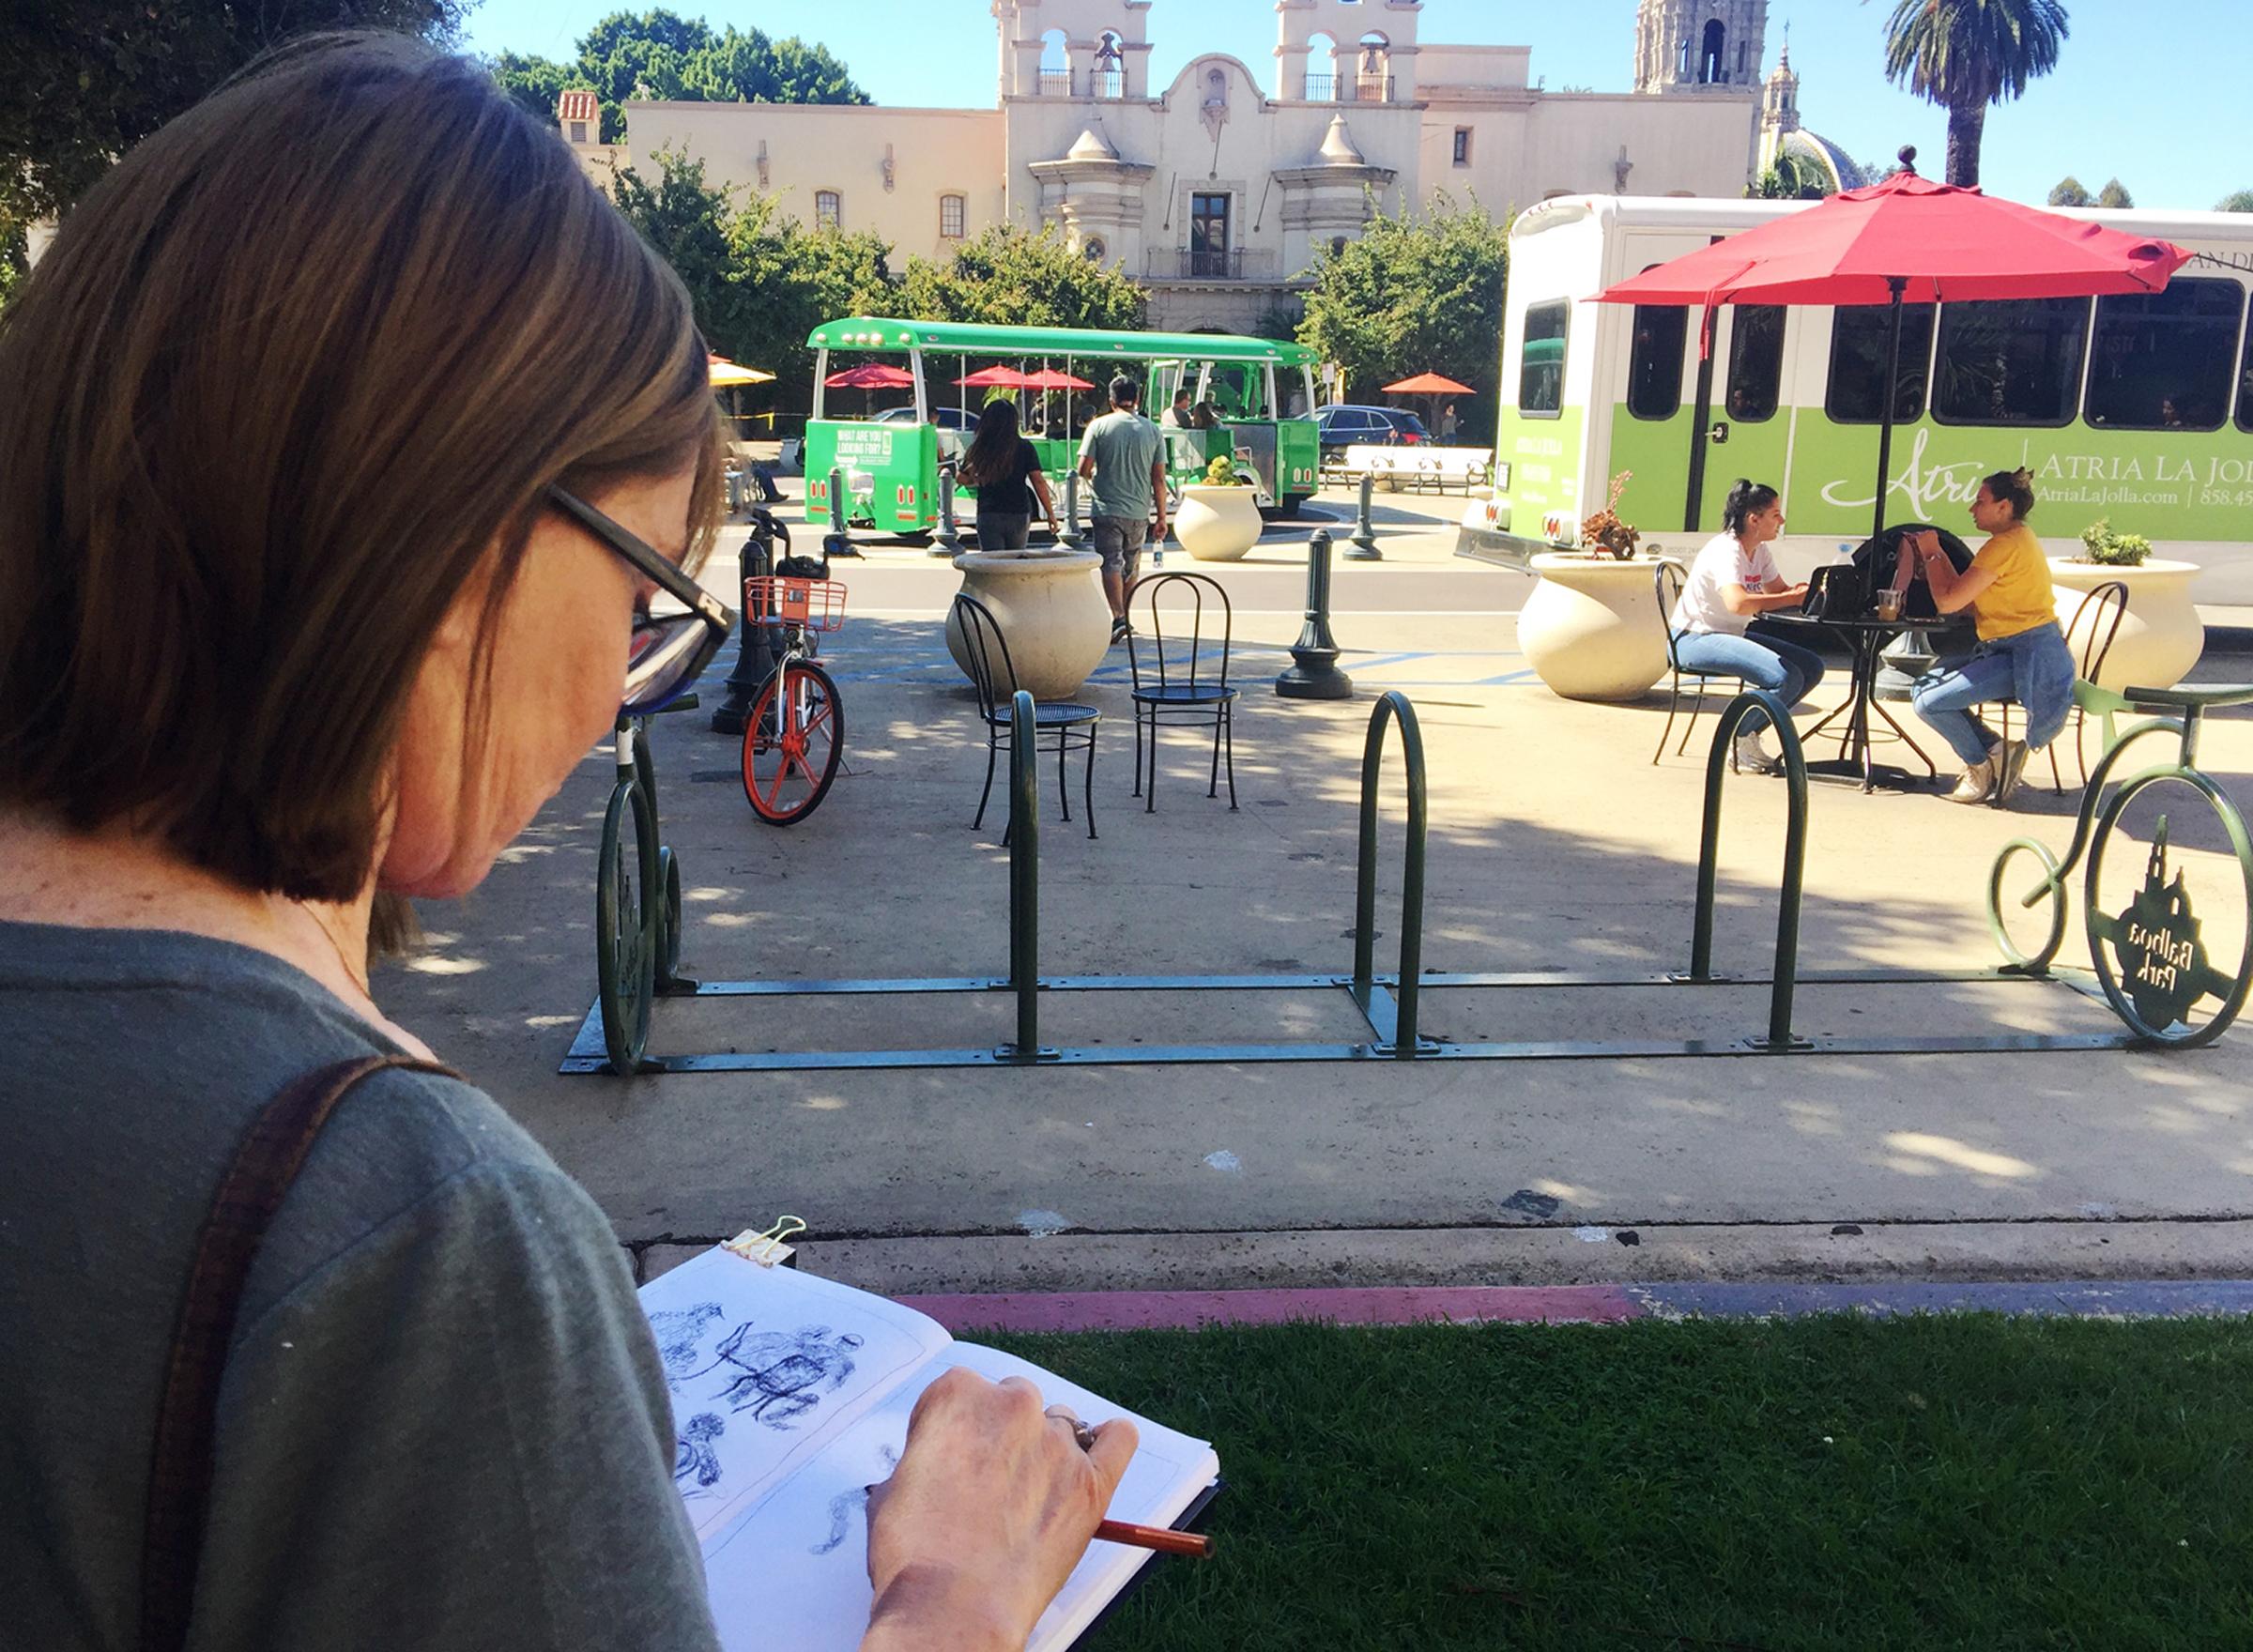 Sketching in park.jpg